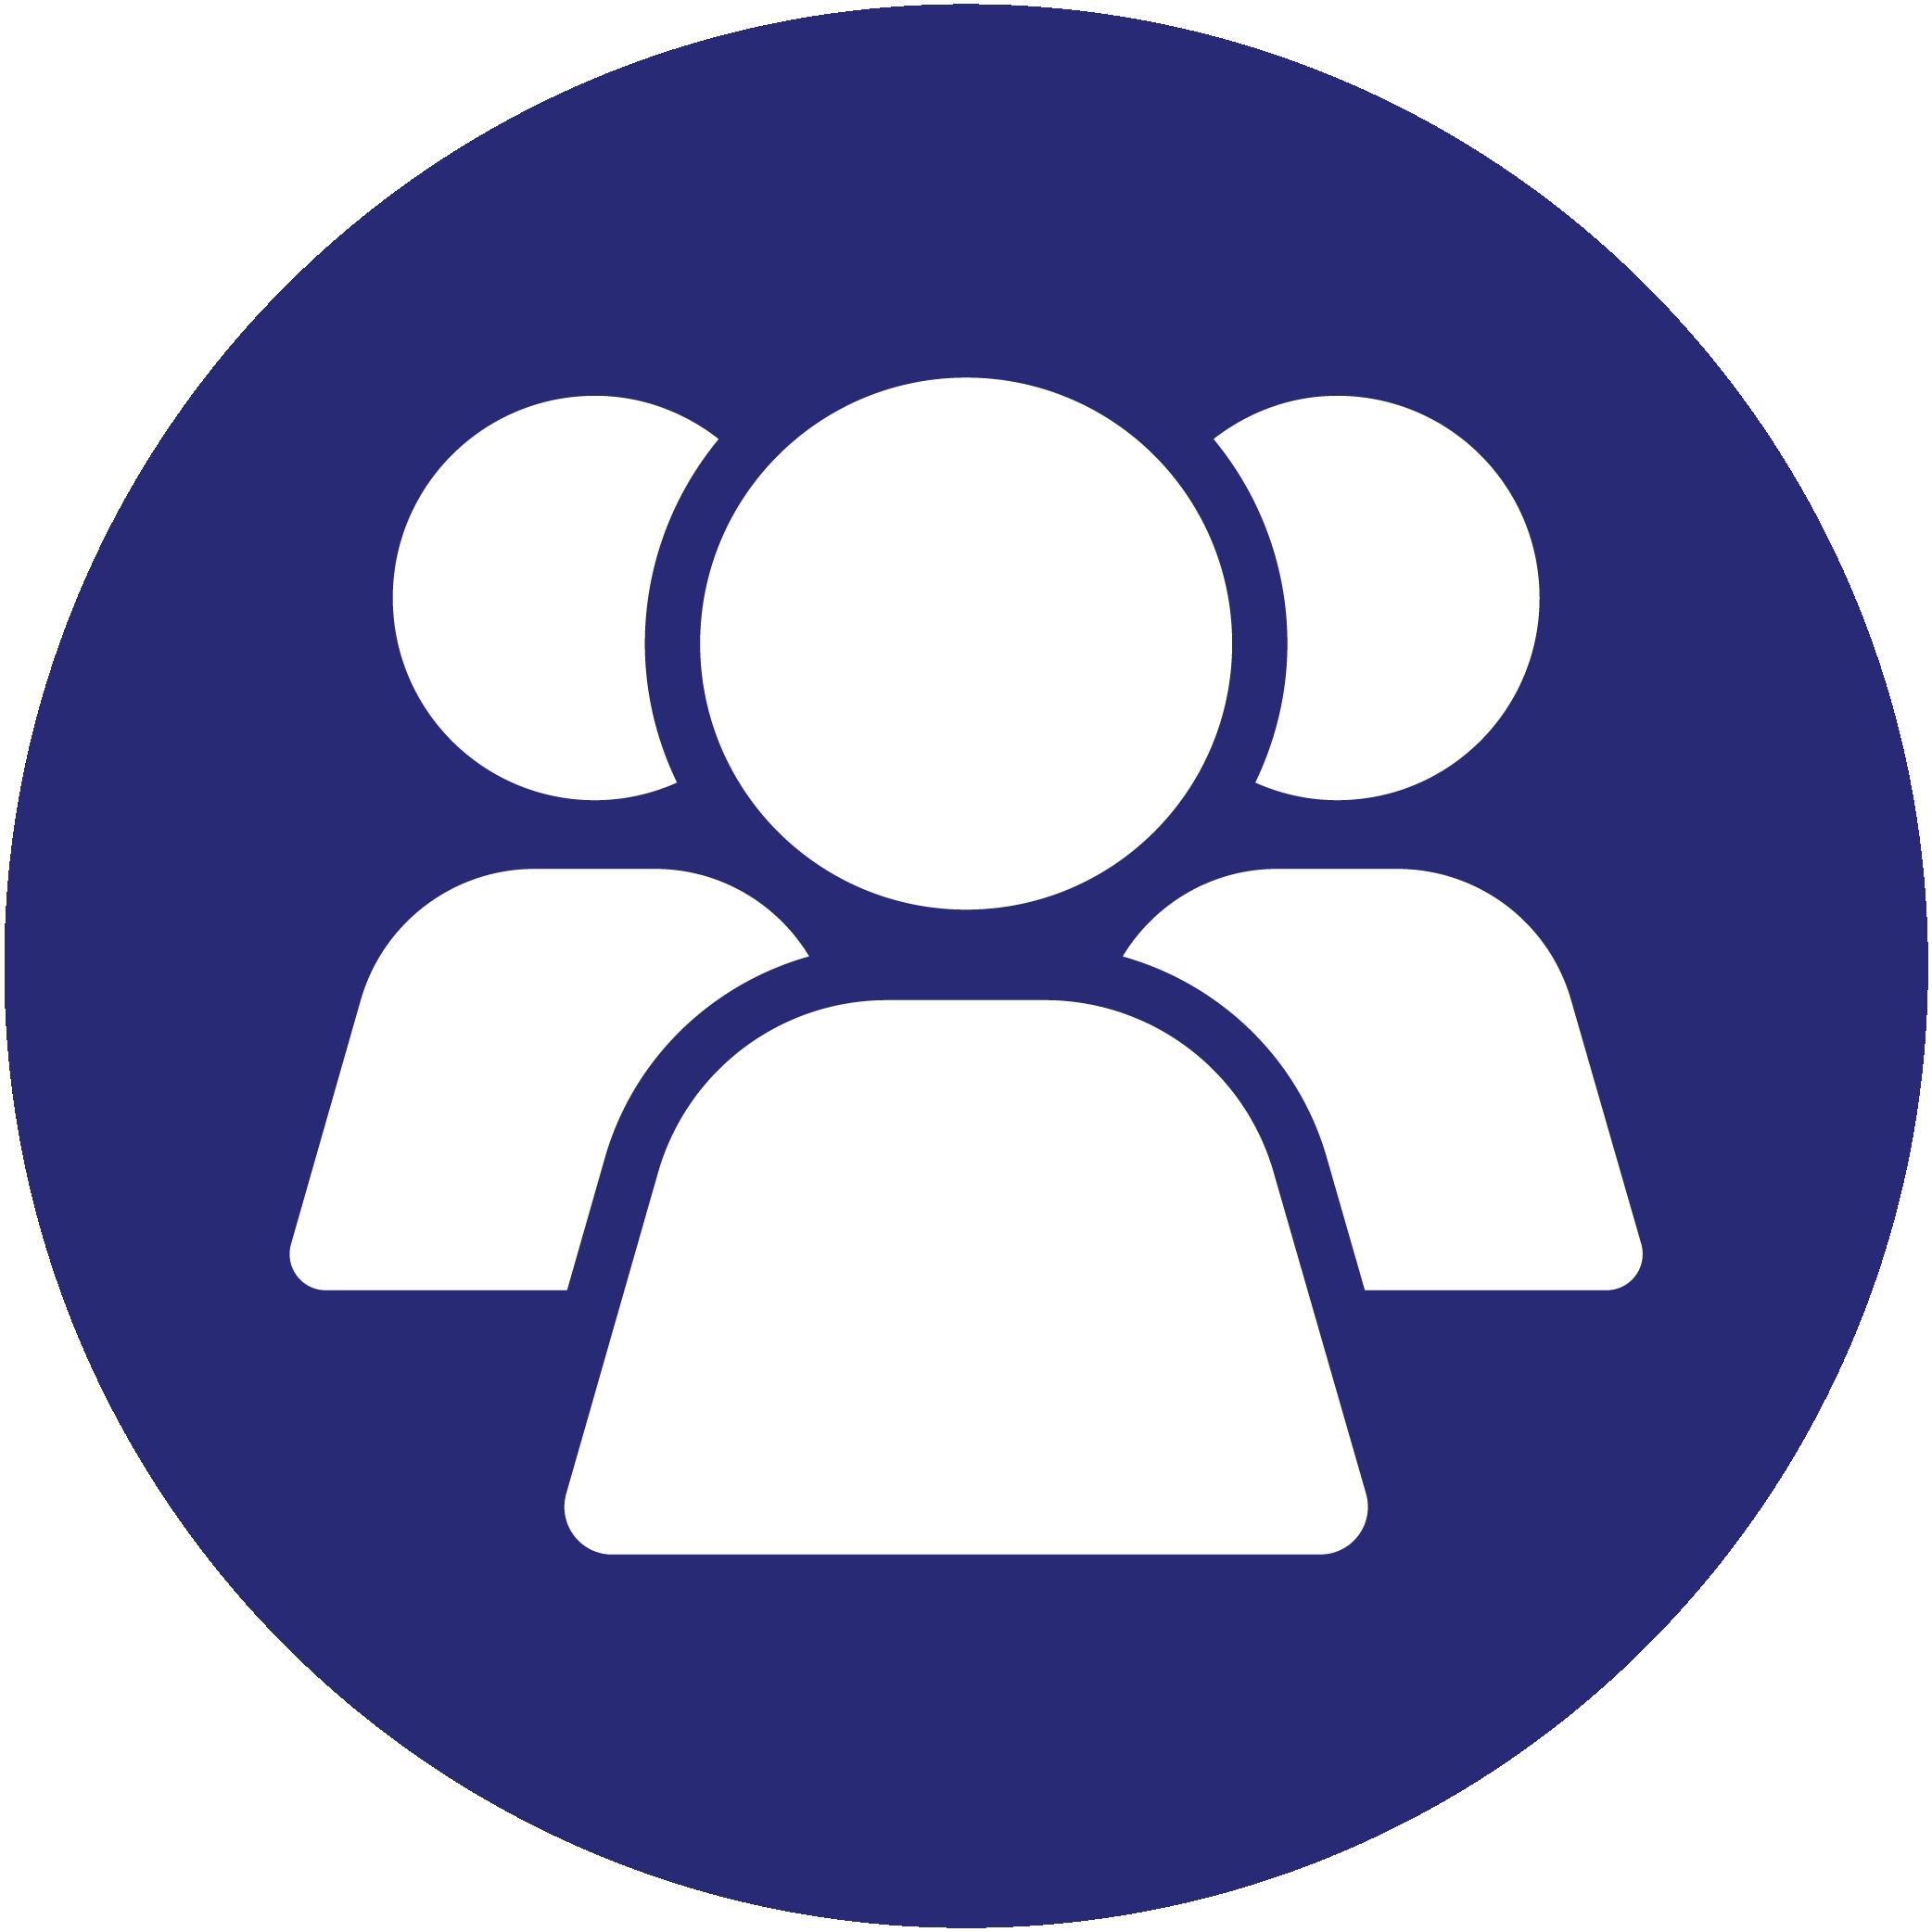 weetabix_sustainability-report_2020_Icons-04